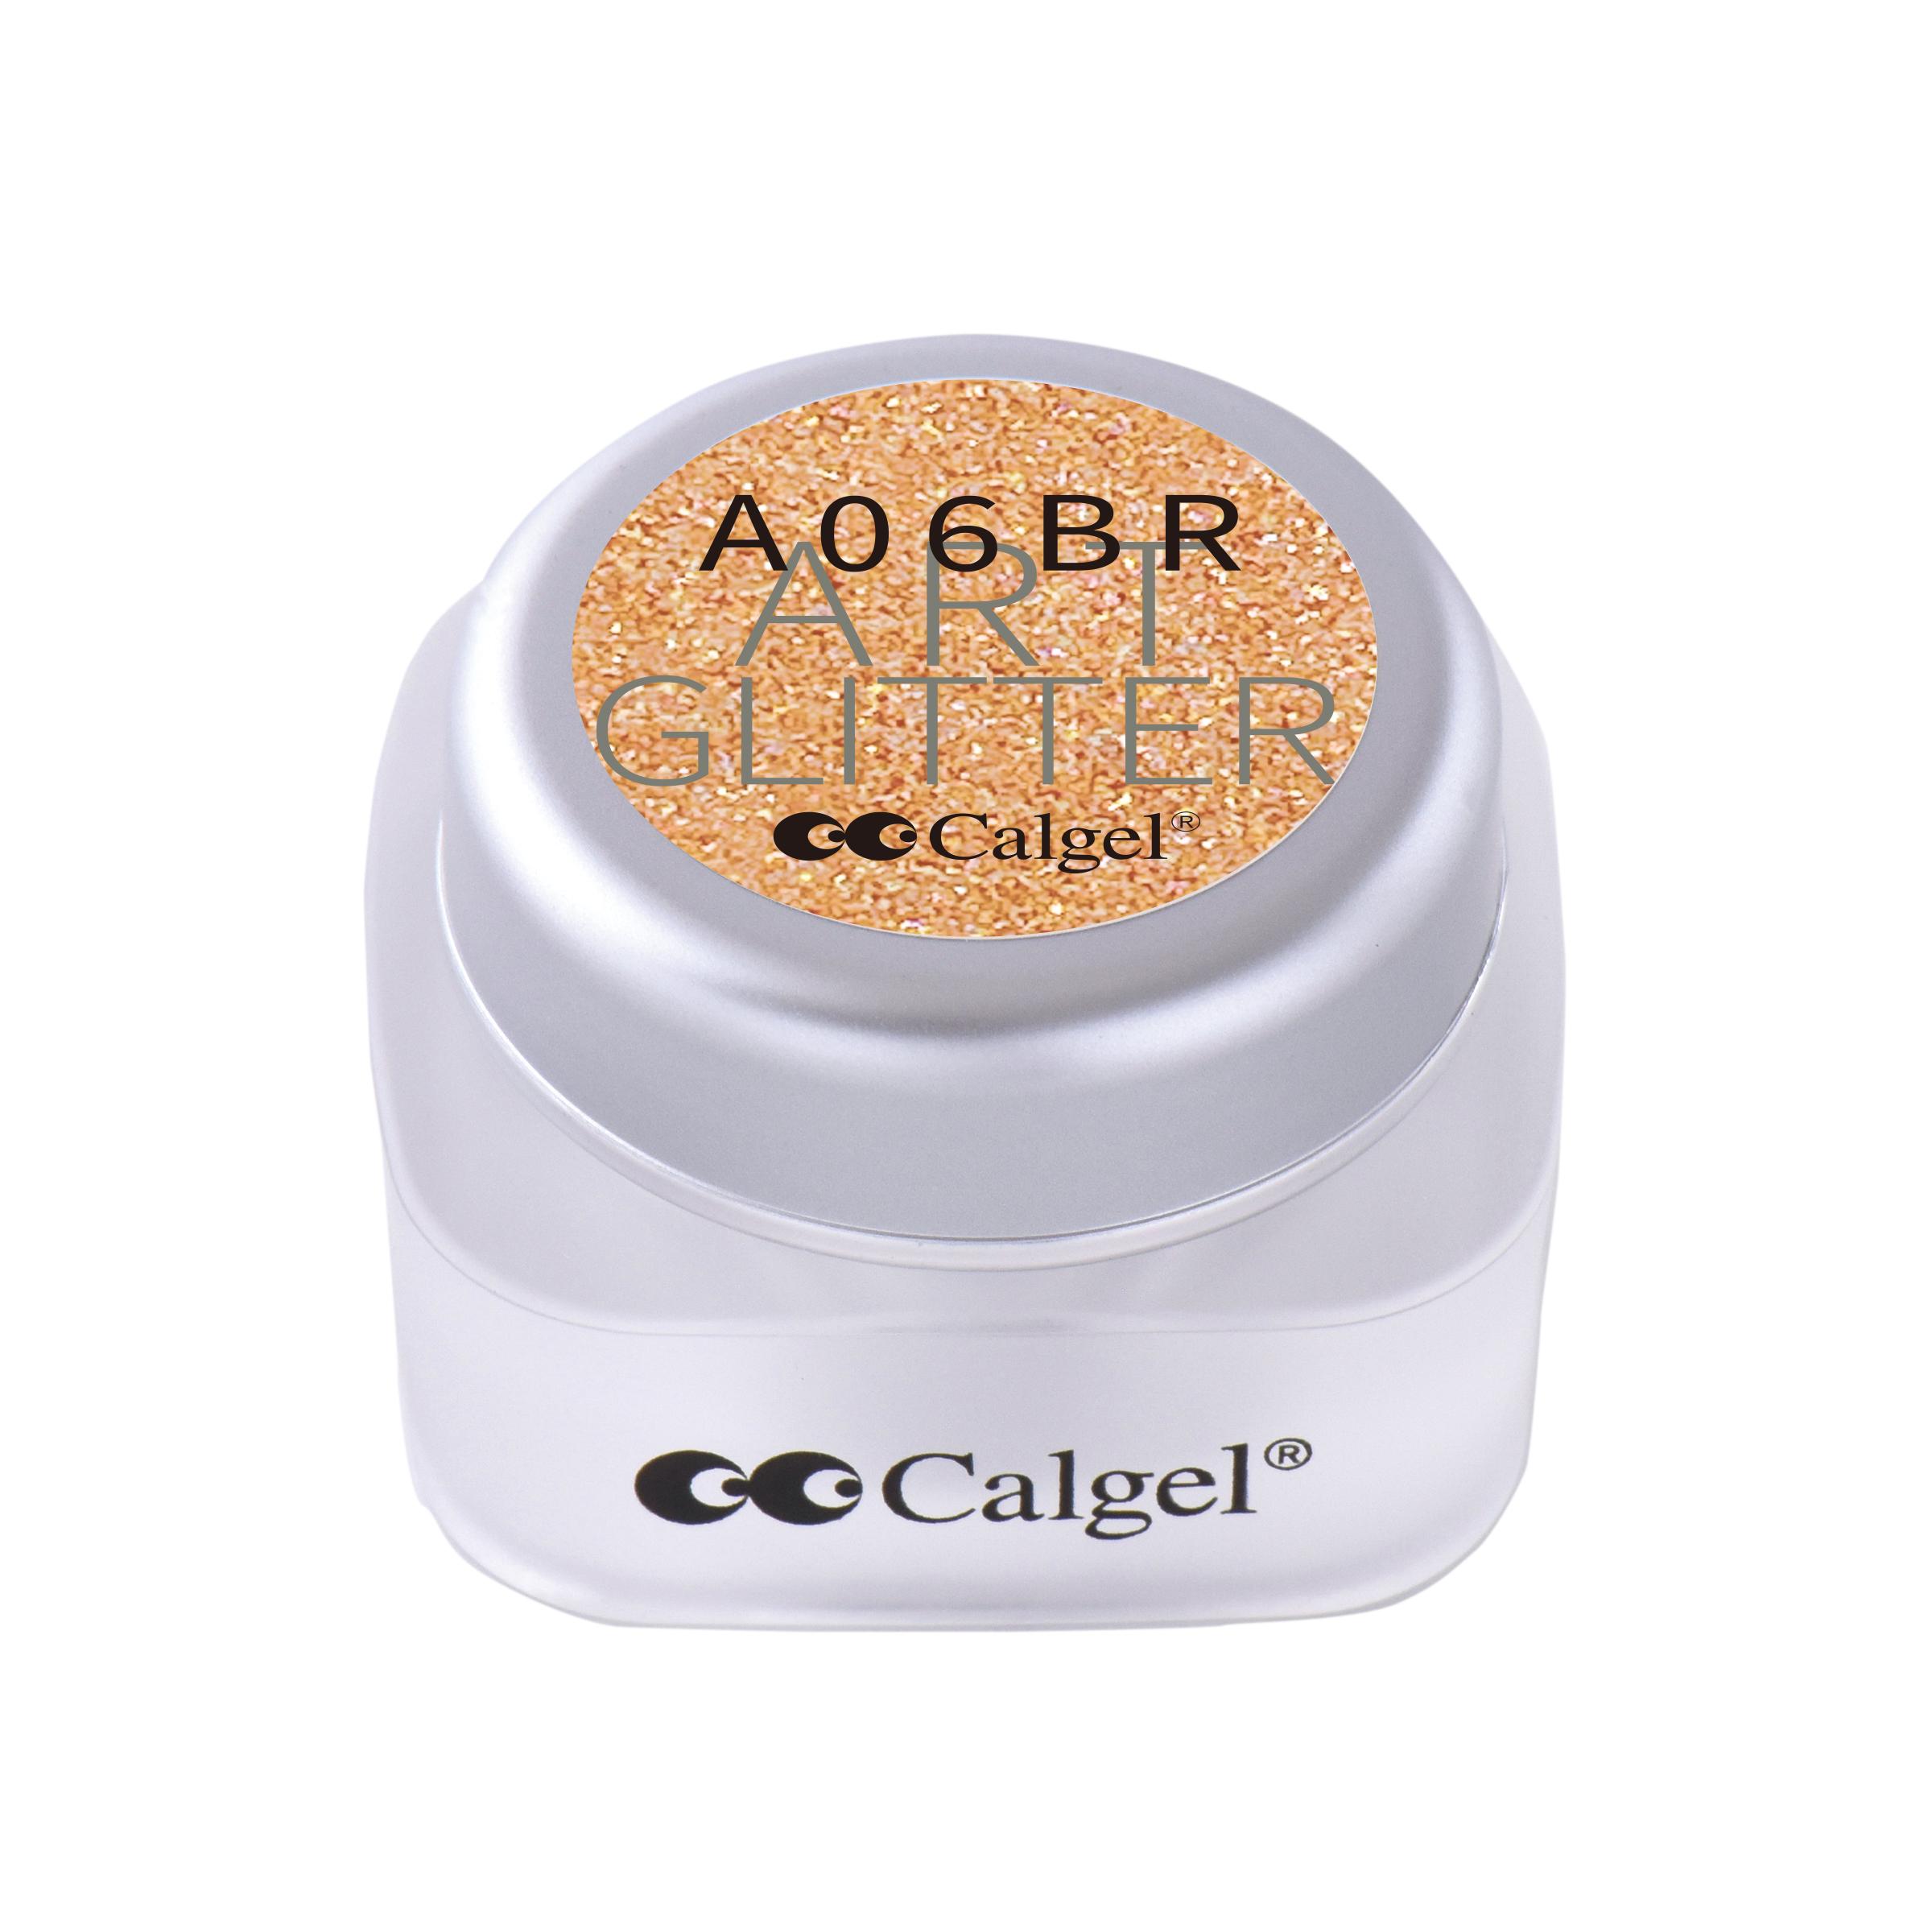 CGA06BR カラーカルジェル プラス アート グリッター コッパー